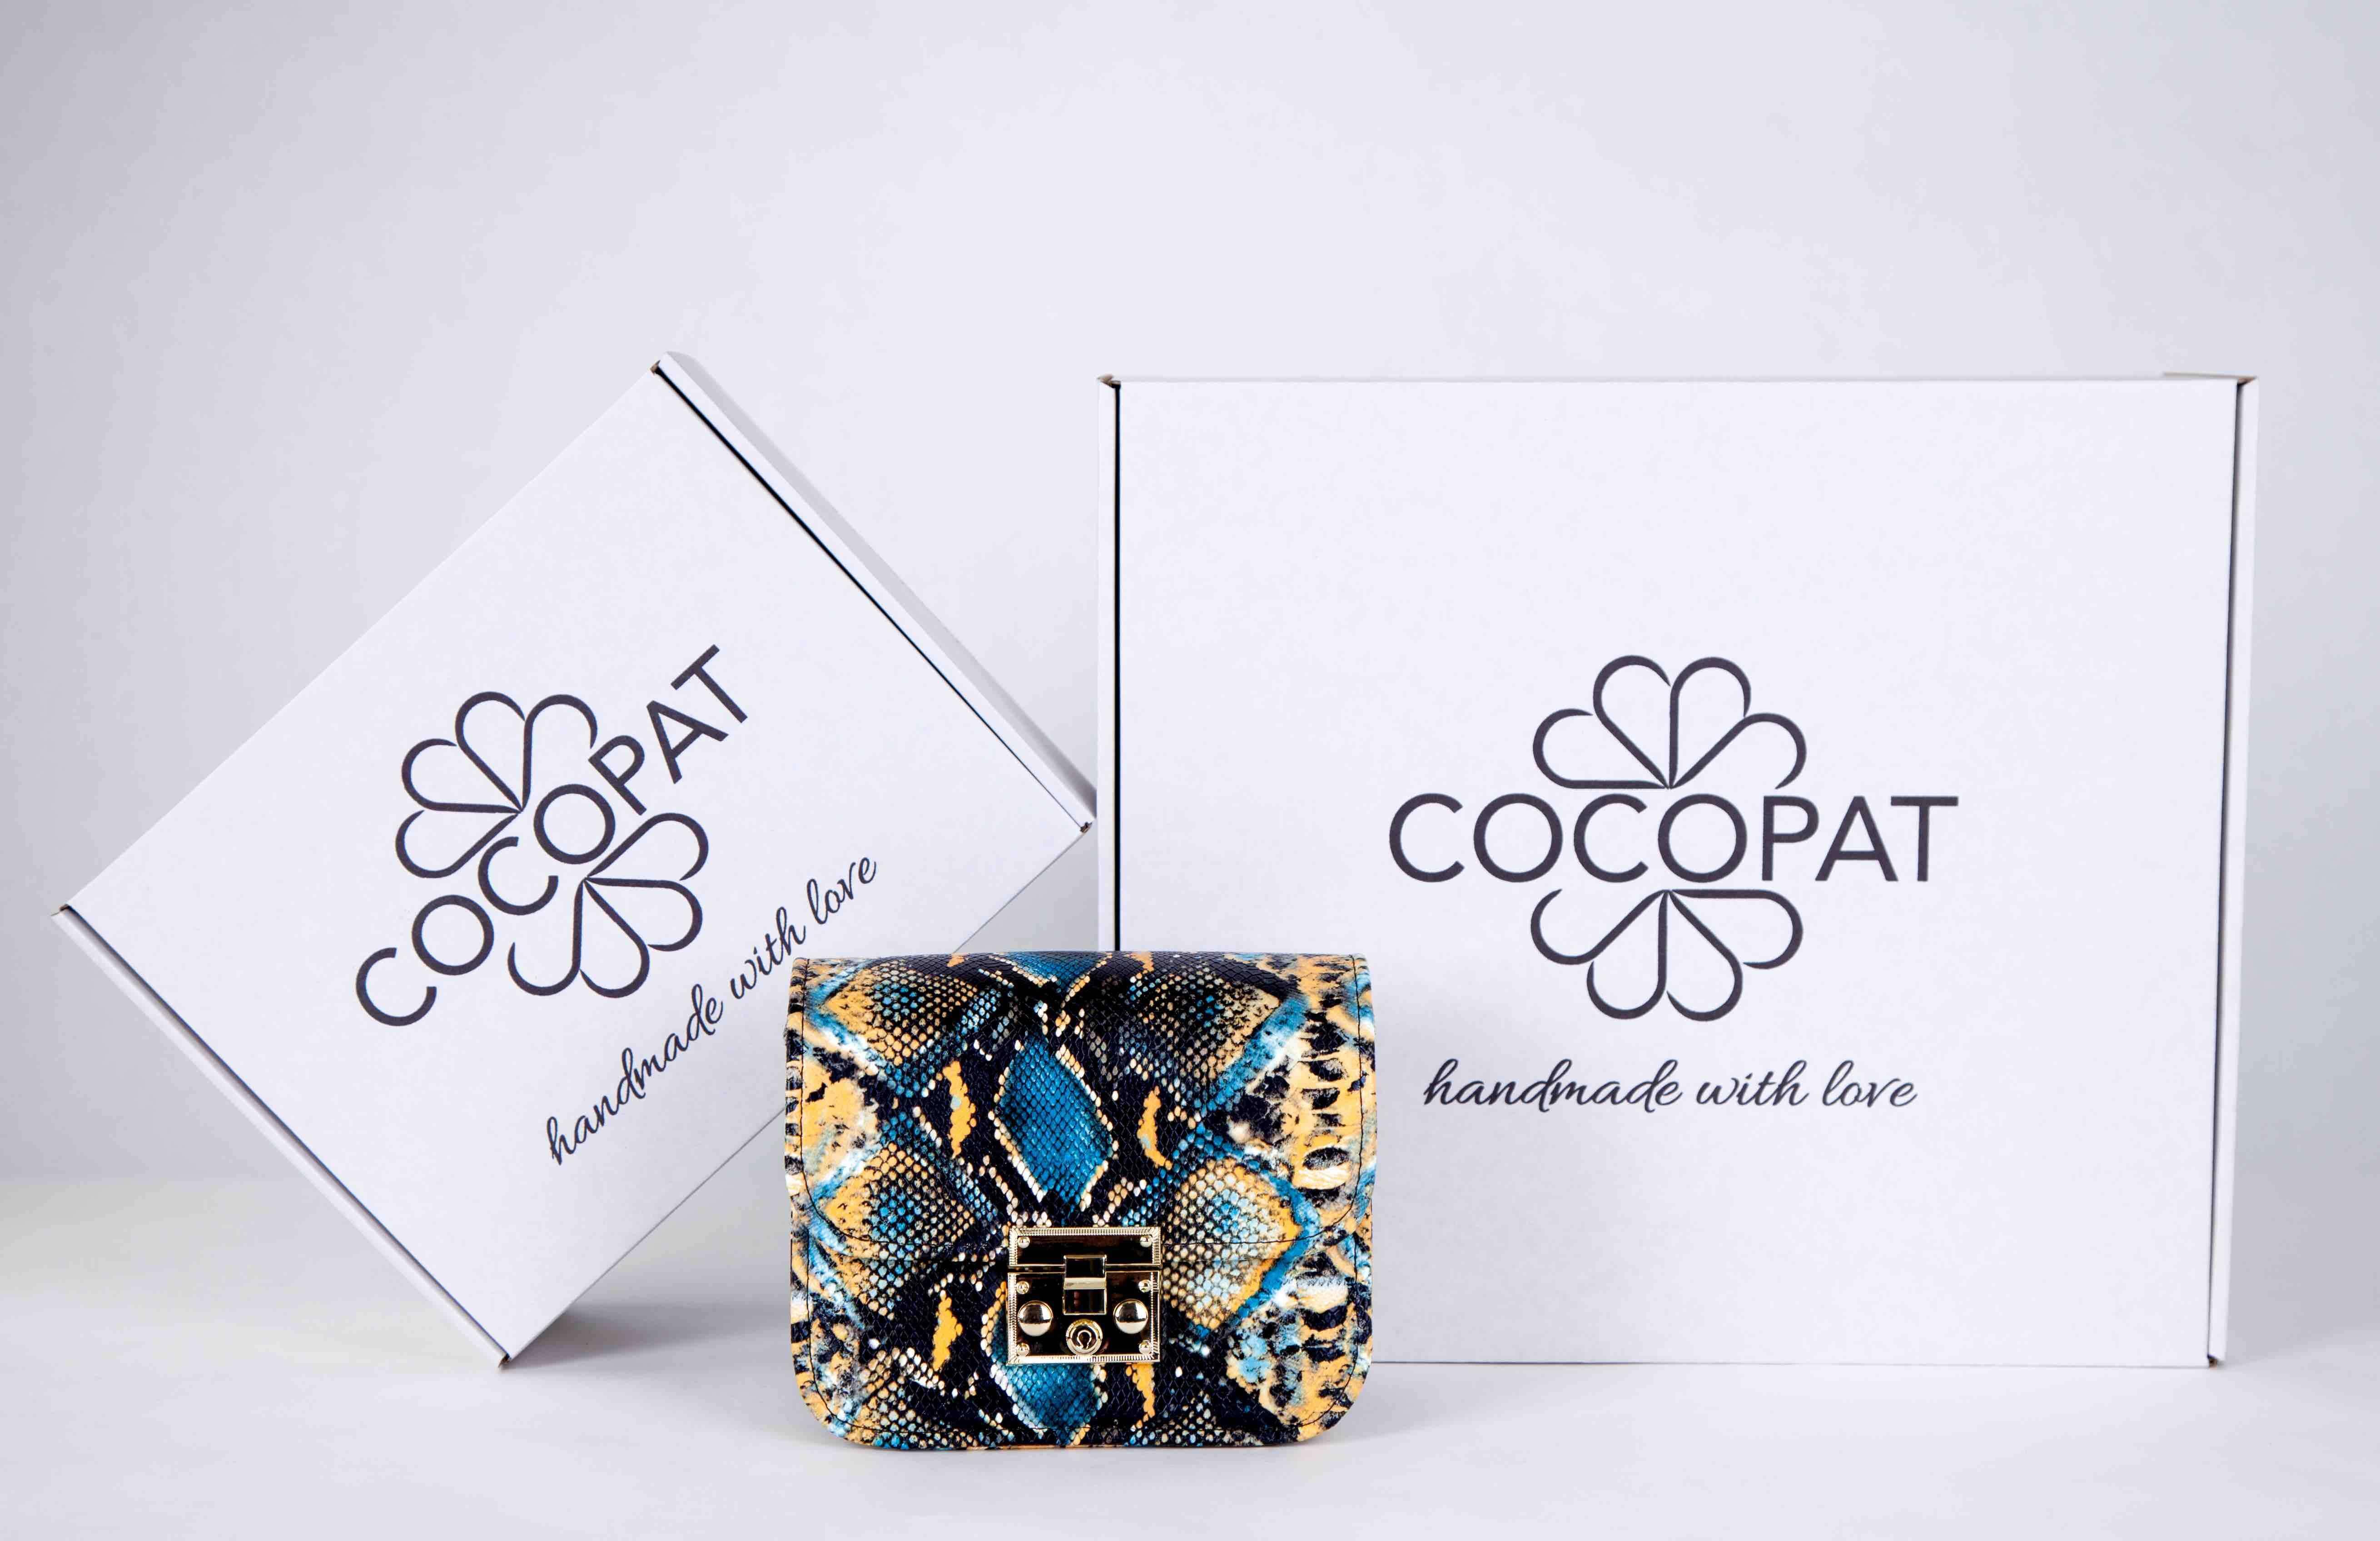 Boîtes de luxe et sac à main de la marque Cocopat